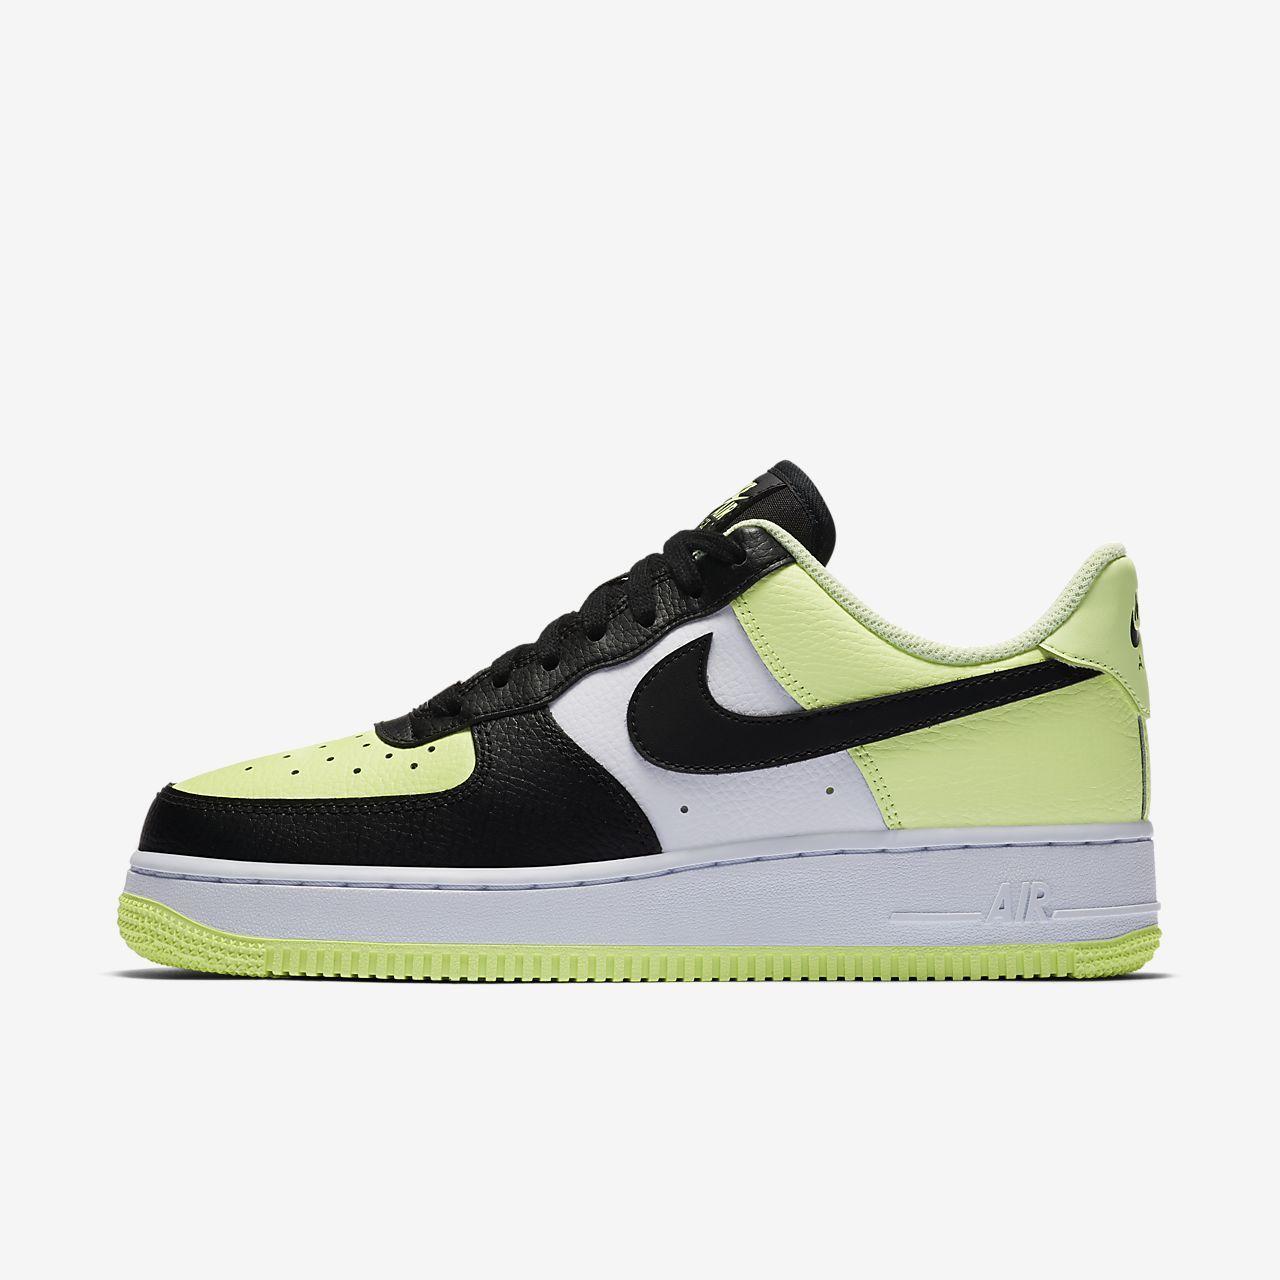 Nike Air Force 1 07 Women S Shoe Nike Gb Nike Shoes Air Force Nike Air Nike Air Force